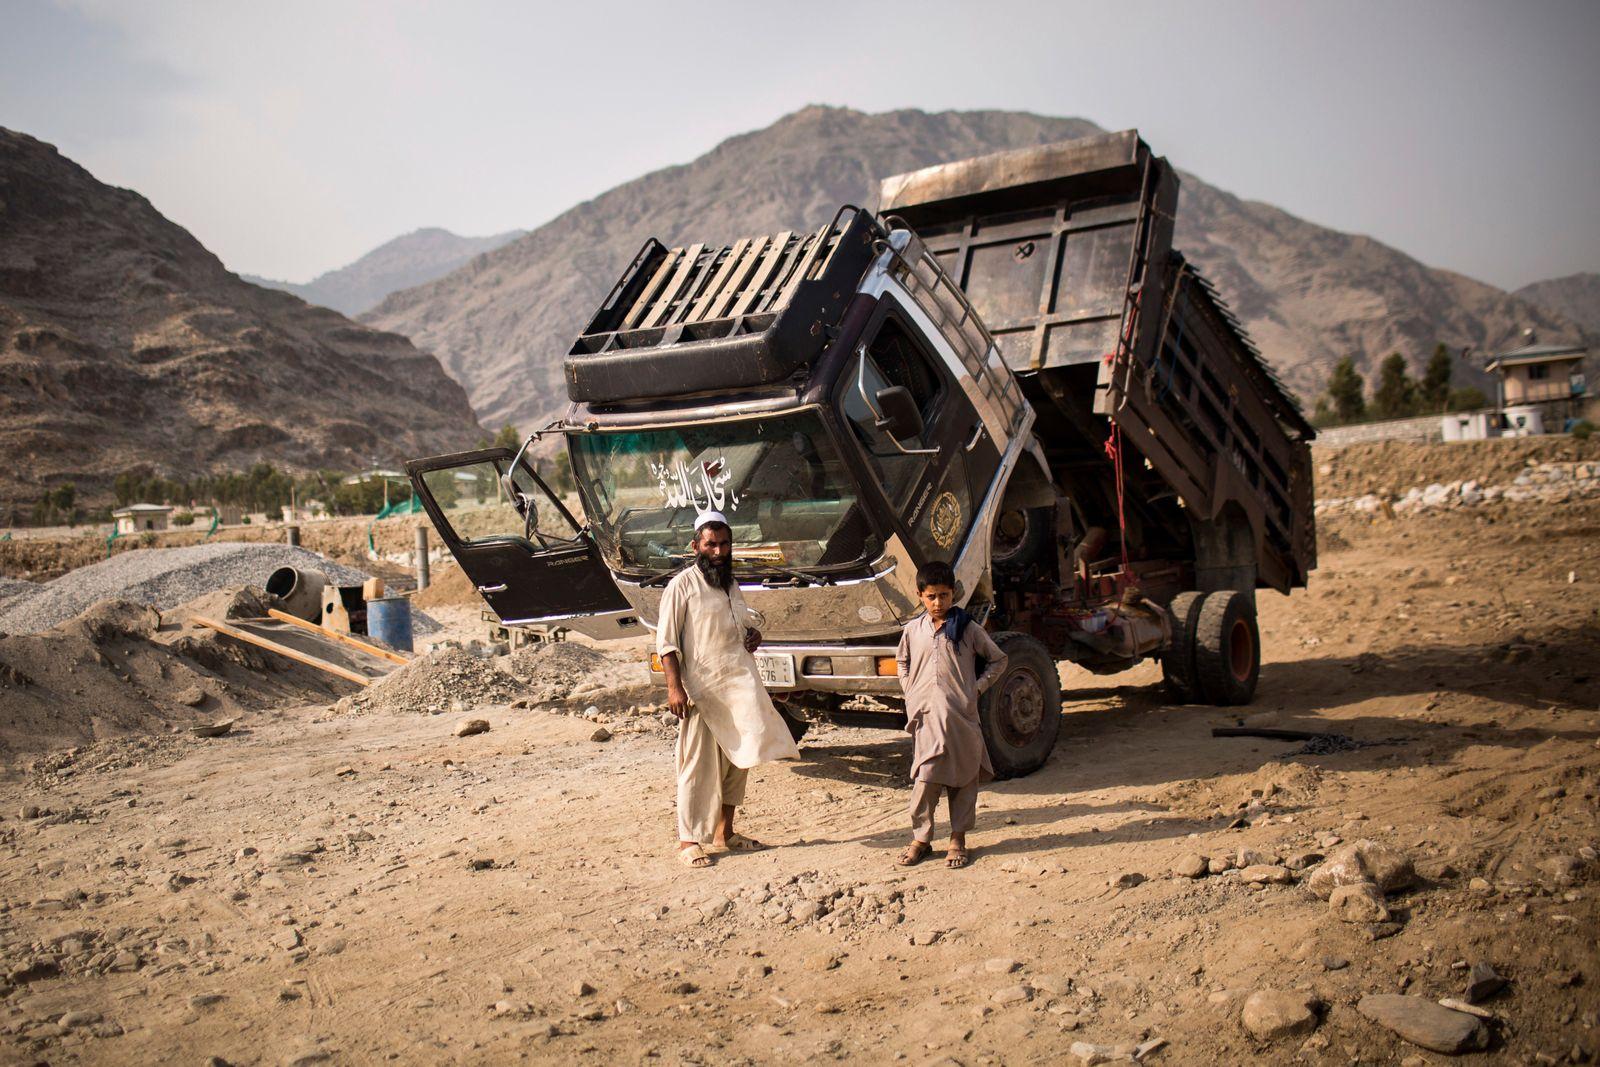 CWerner_Afghanistan_Ostprovinzen-12